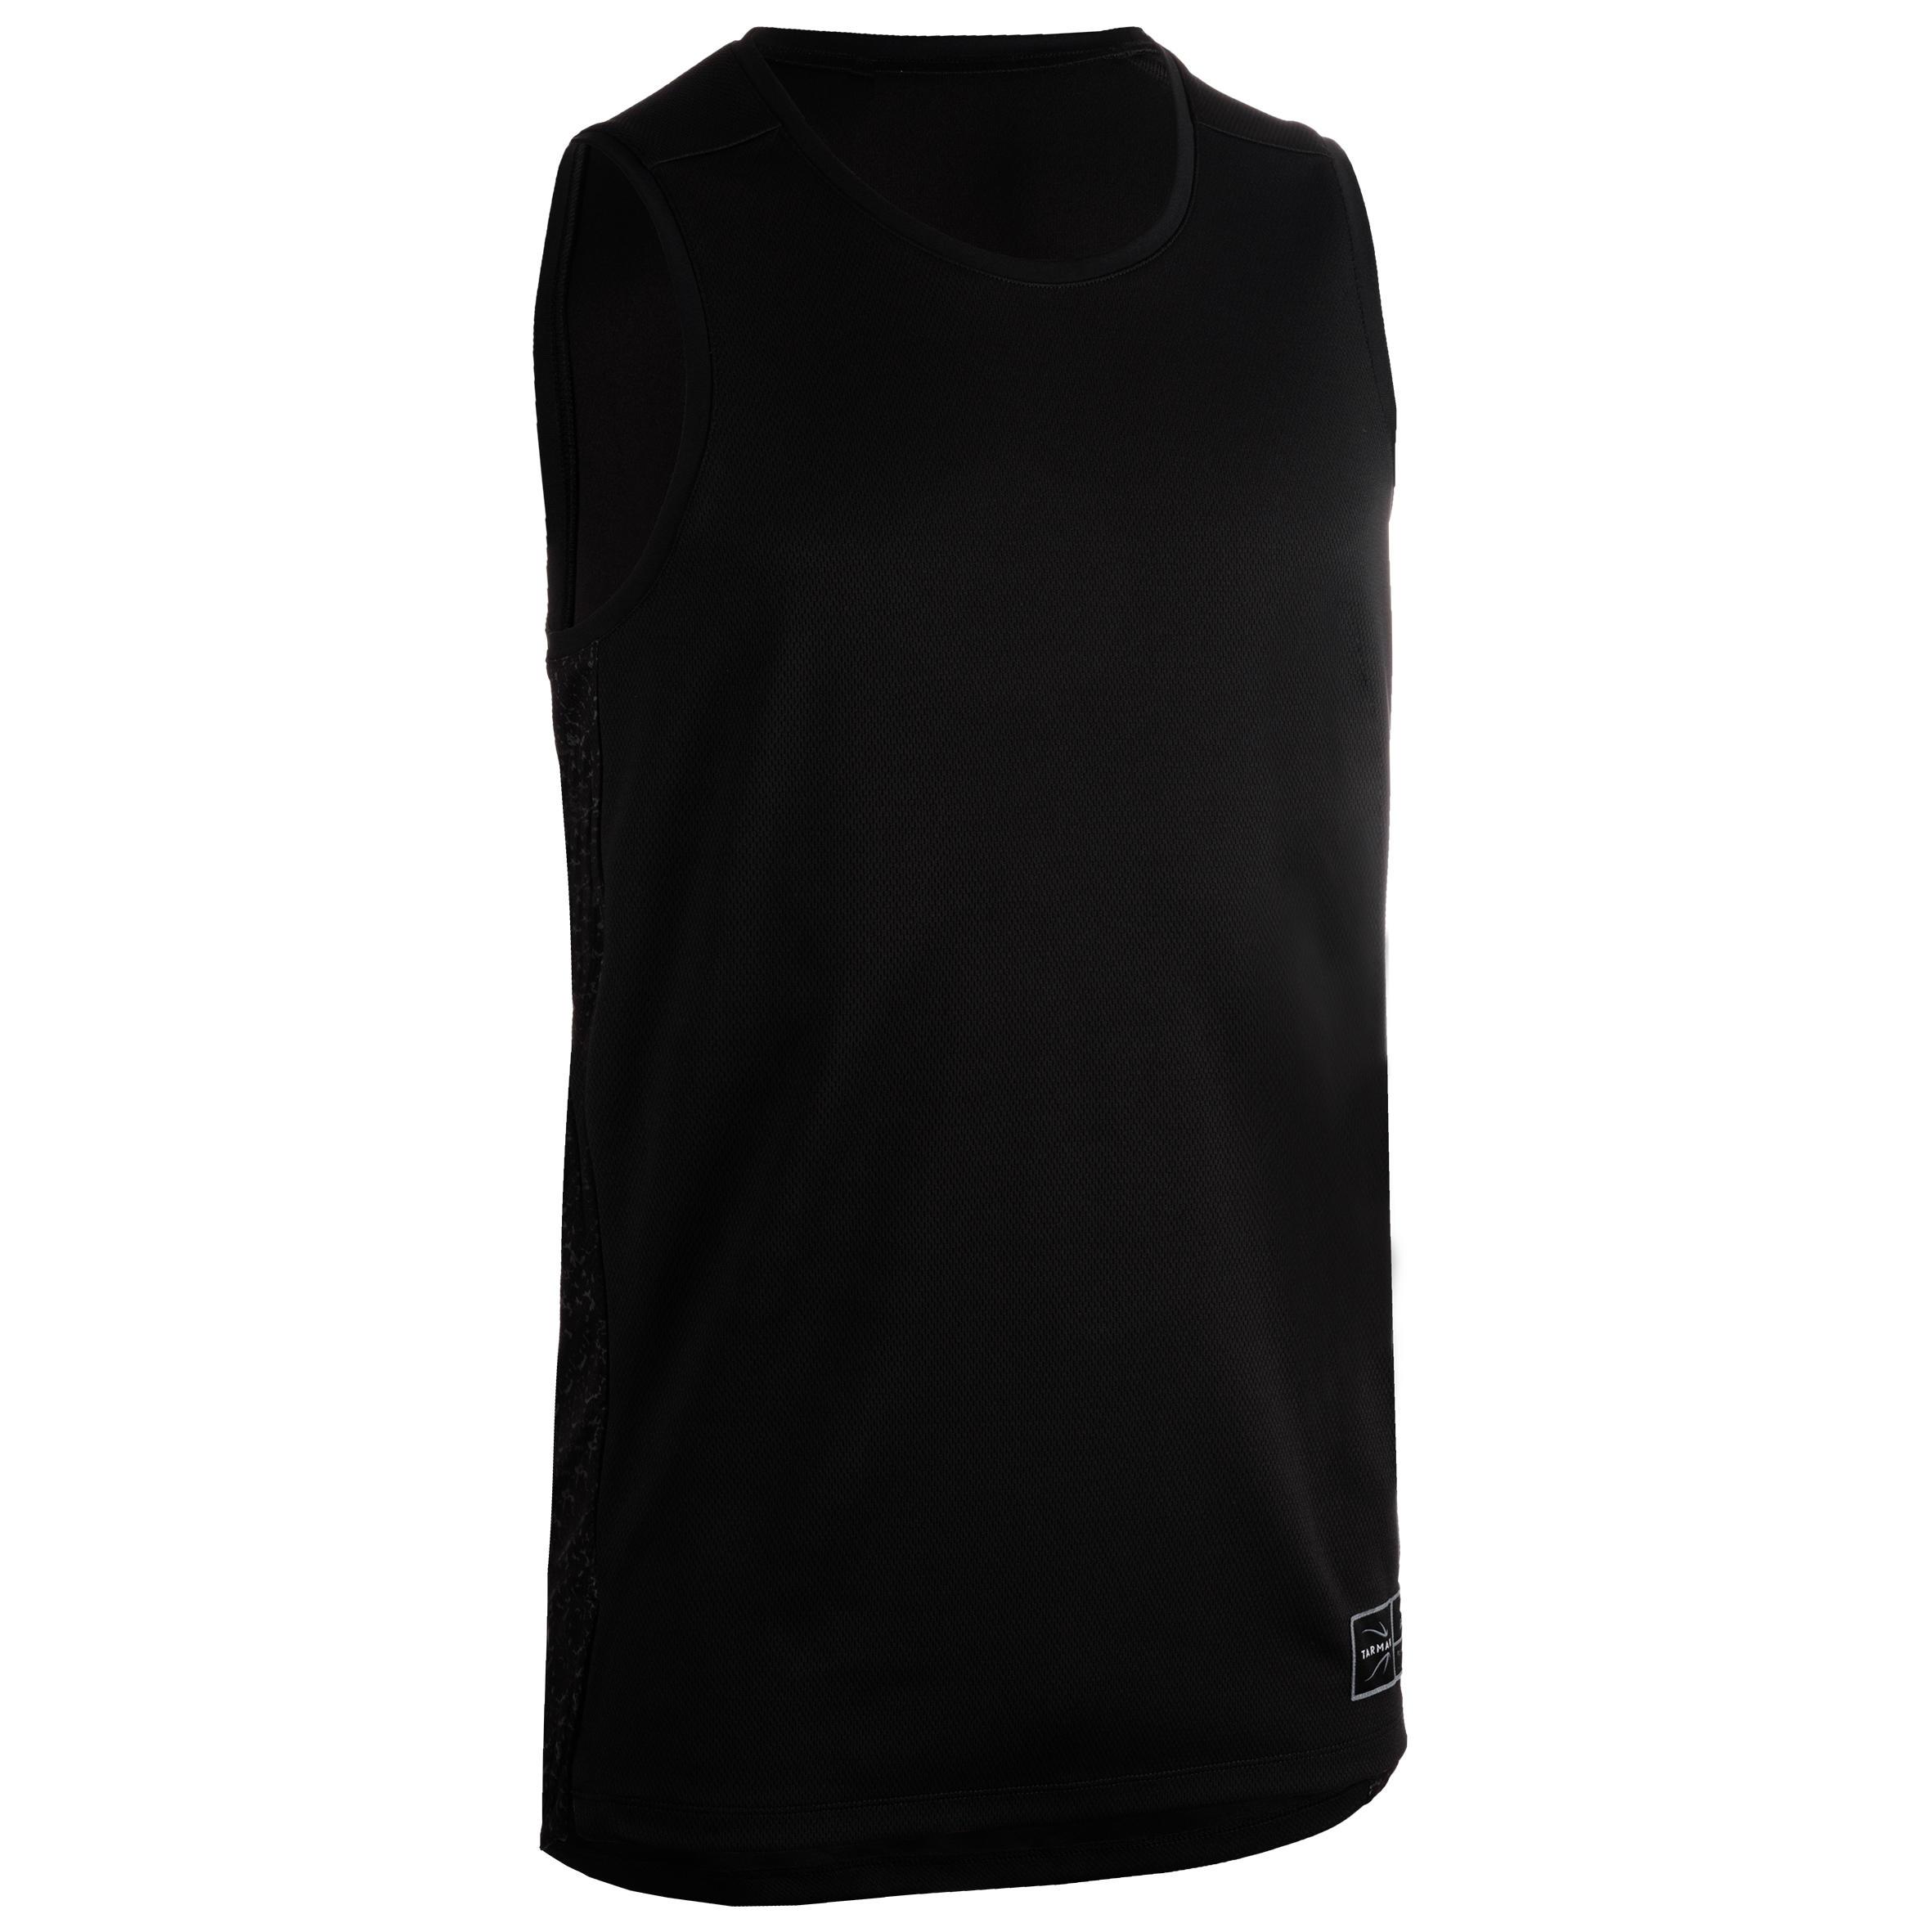 Basketballtrikot ärmellos T500 Herren Fortgeschrittene schwarz/grau | Sportbekleidung > Trikots > Basketballtrikots | Schwarz - Grau - Blau | Tarmak